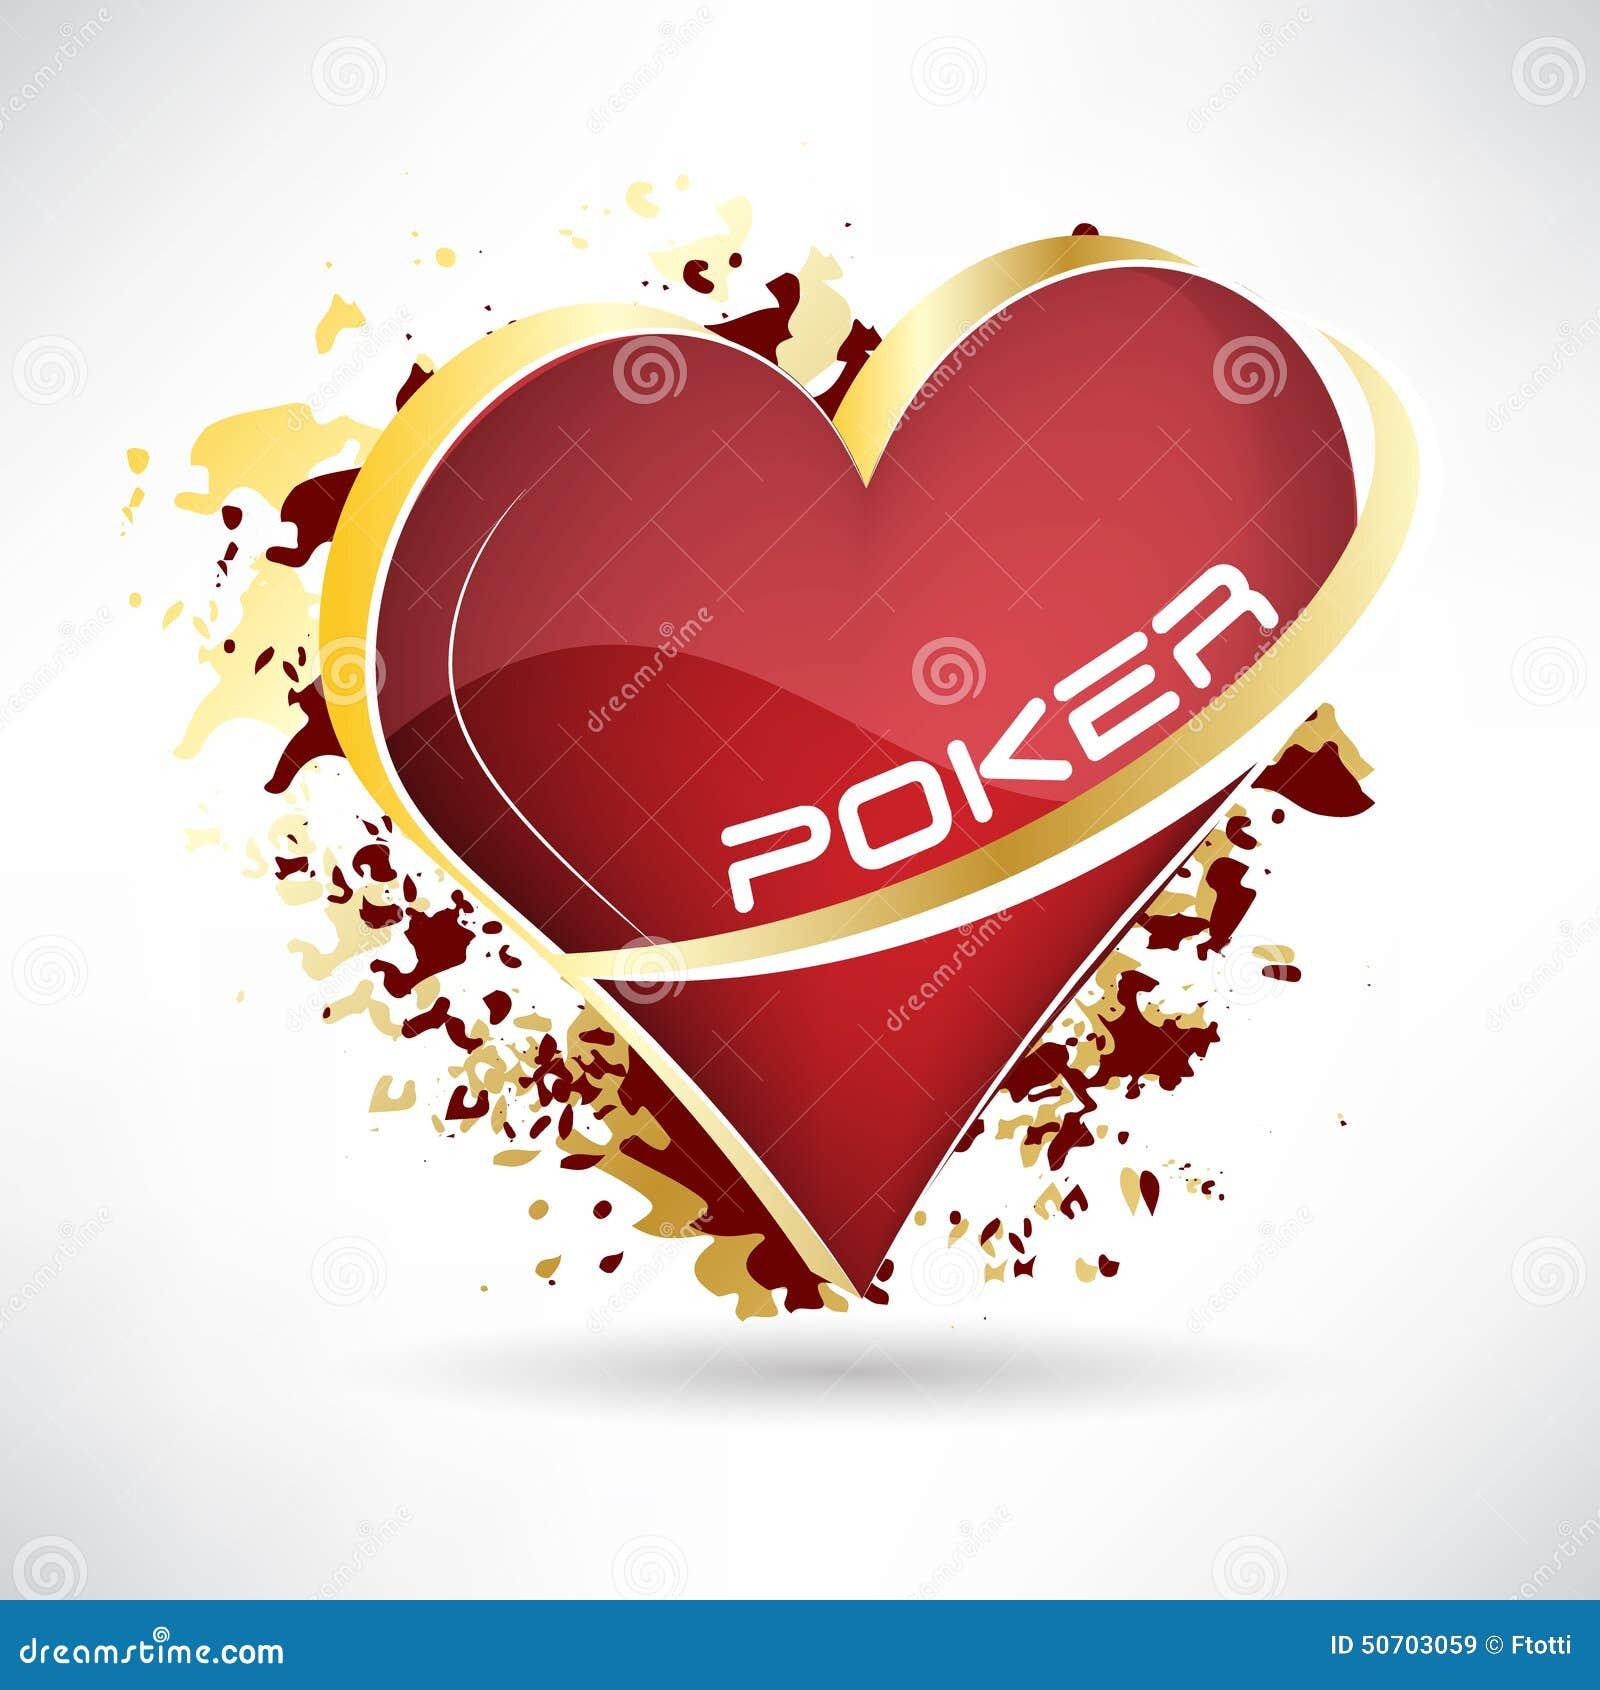 pkr casino bonus code